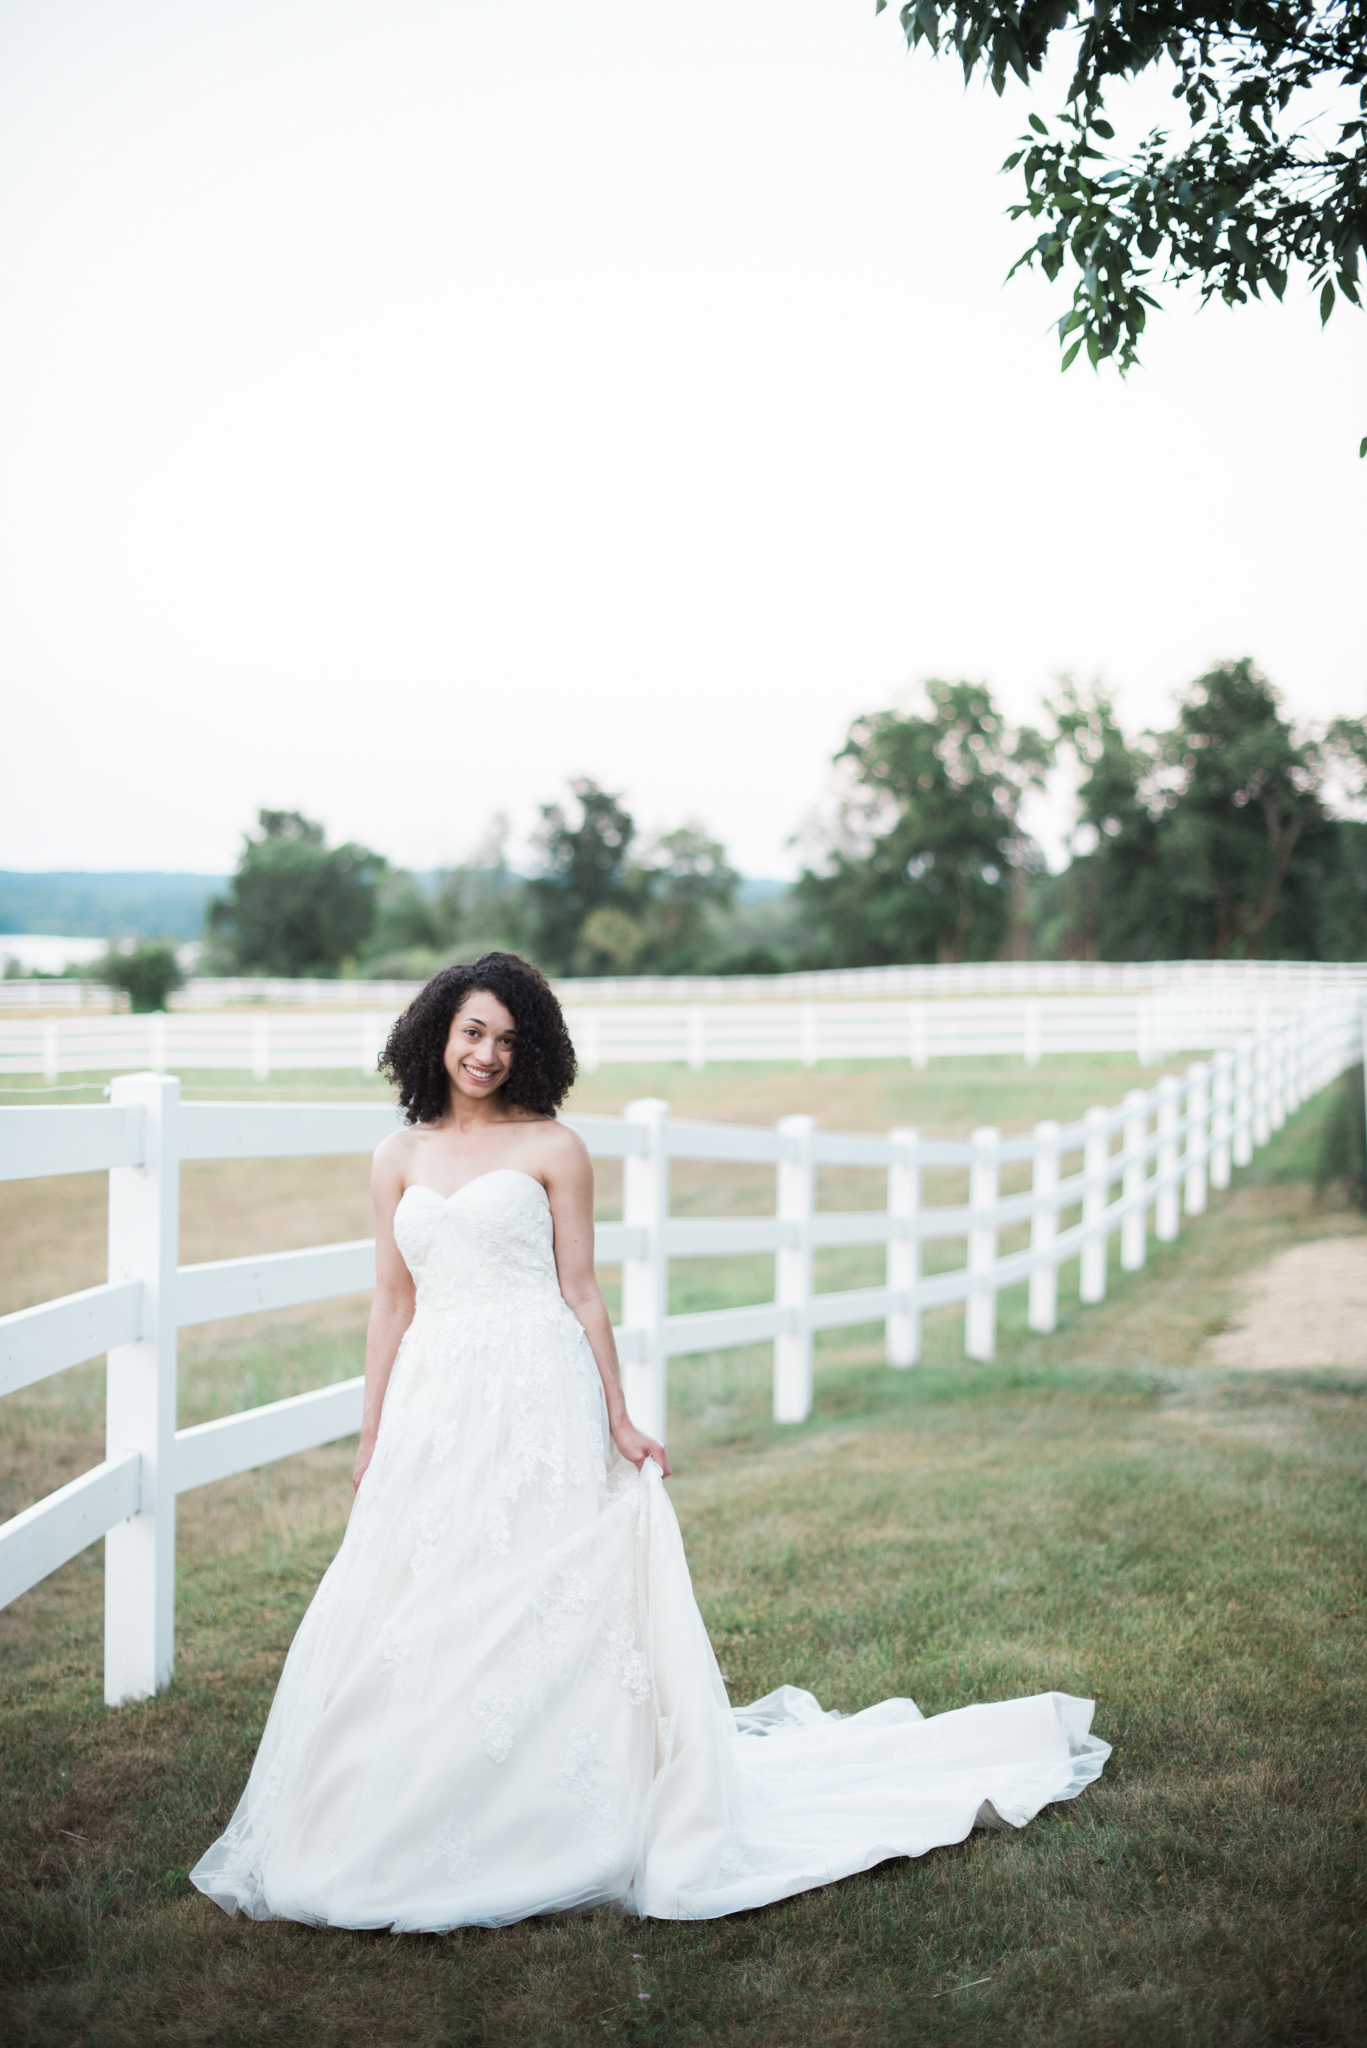 Wedding Photographers in Northampton MA